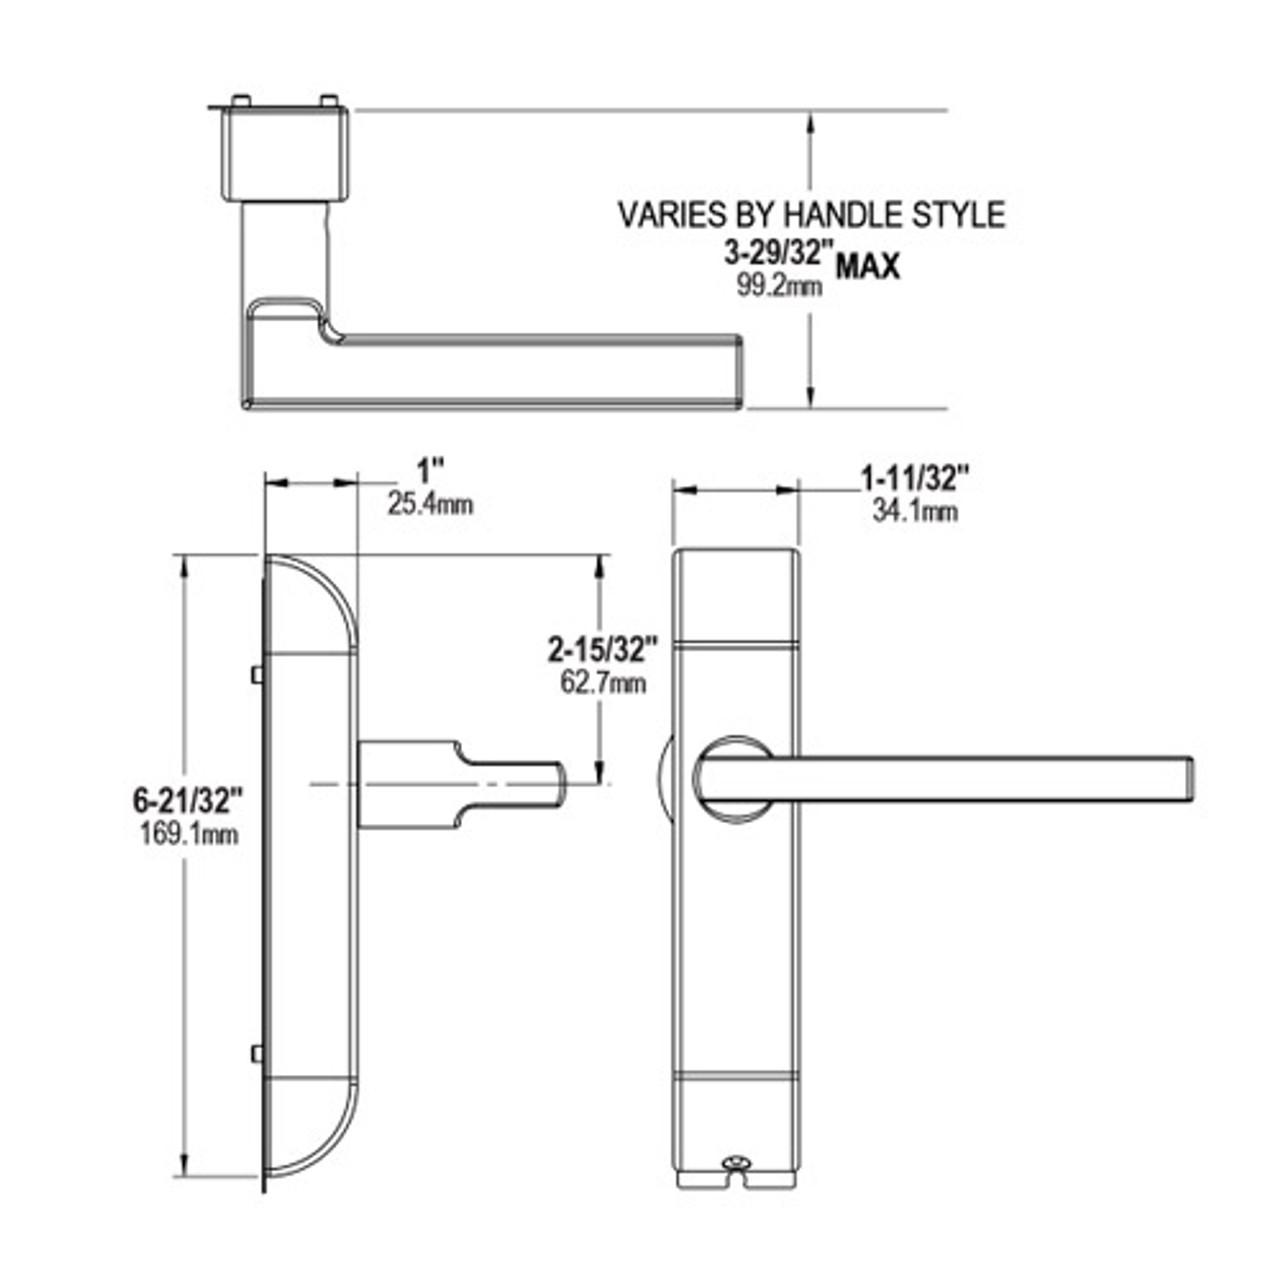 4600M-ME-541-US3 Adams Rite ME Designer handle Dimensional View